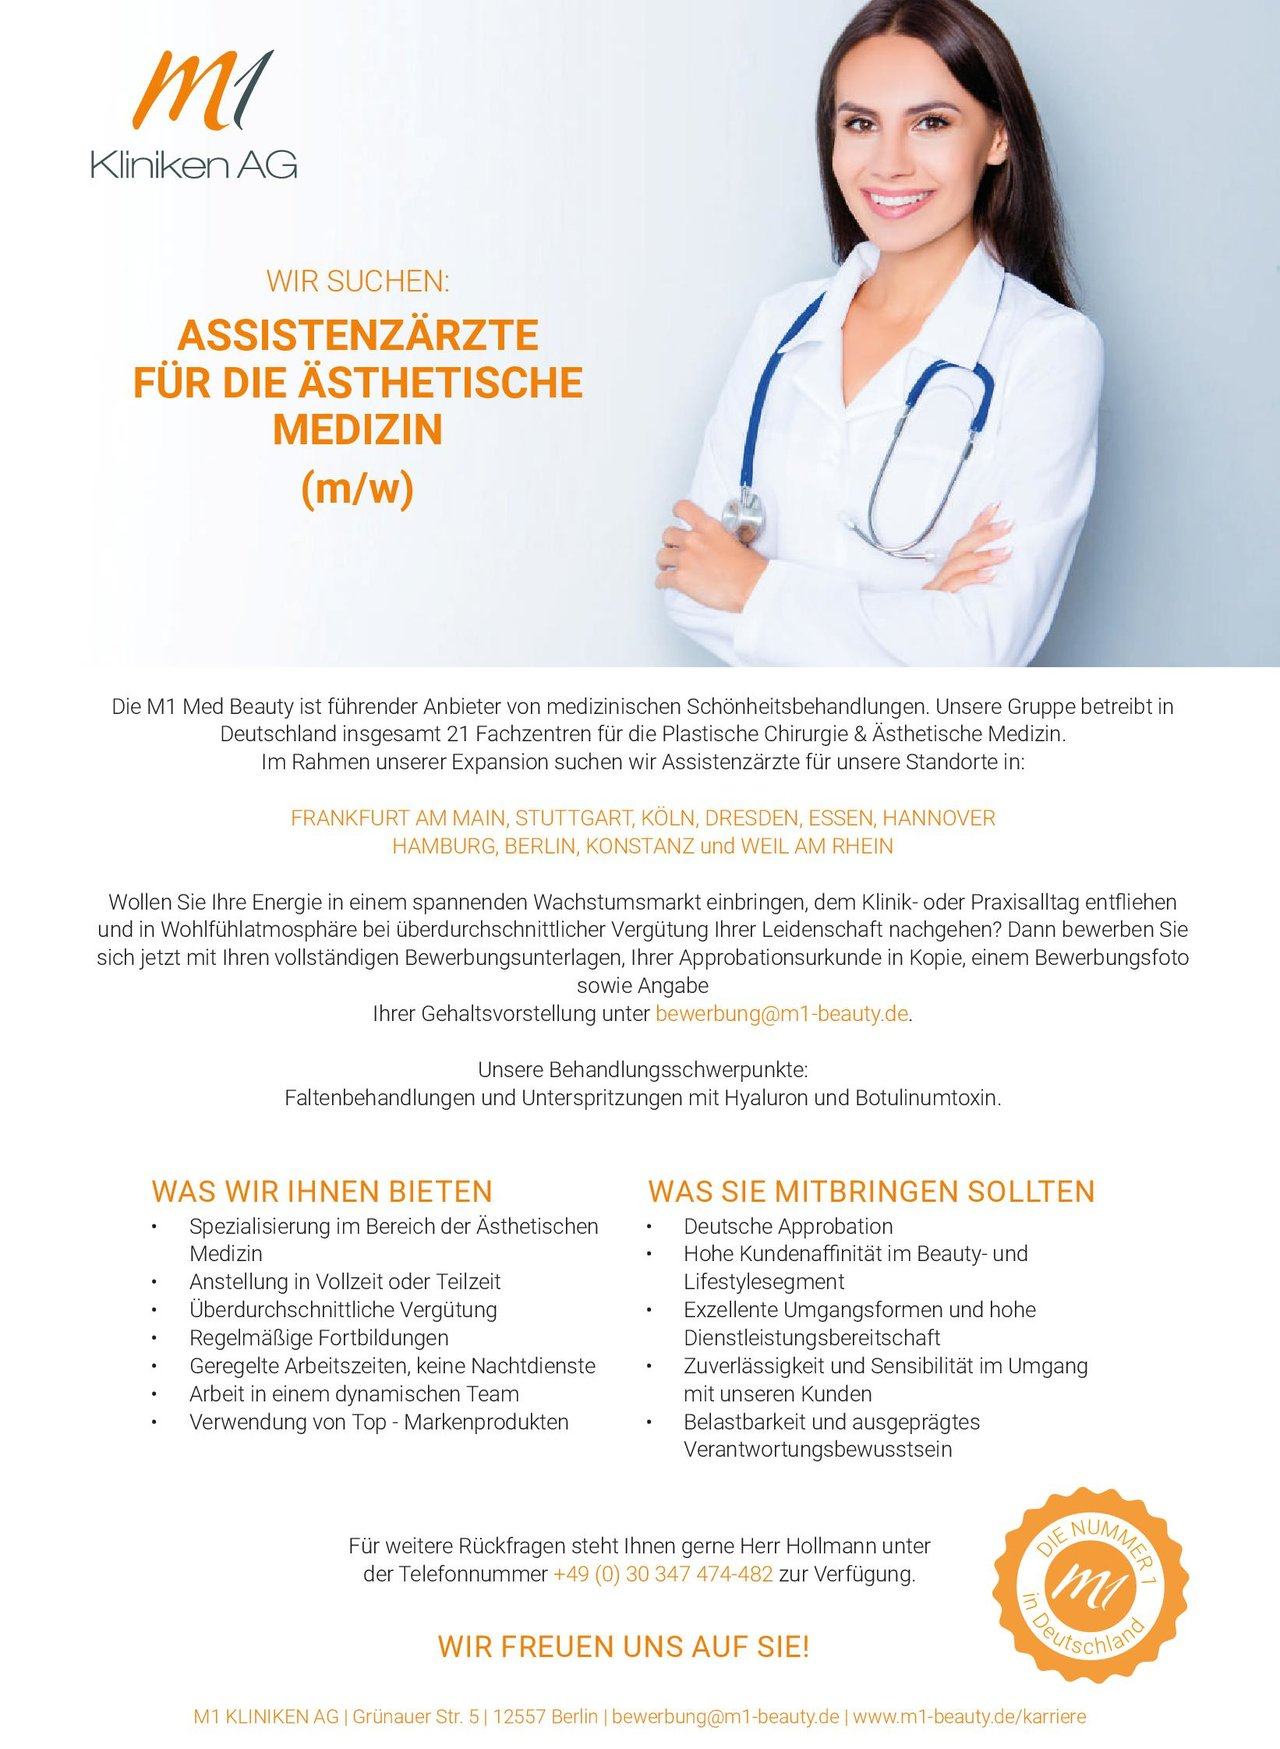 Stellenangebot Assistenzärzte Für Die ästhetische Medizin